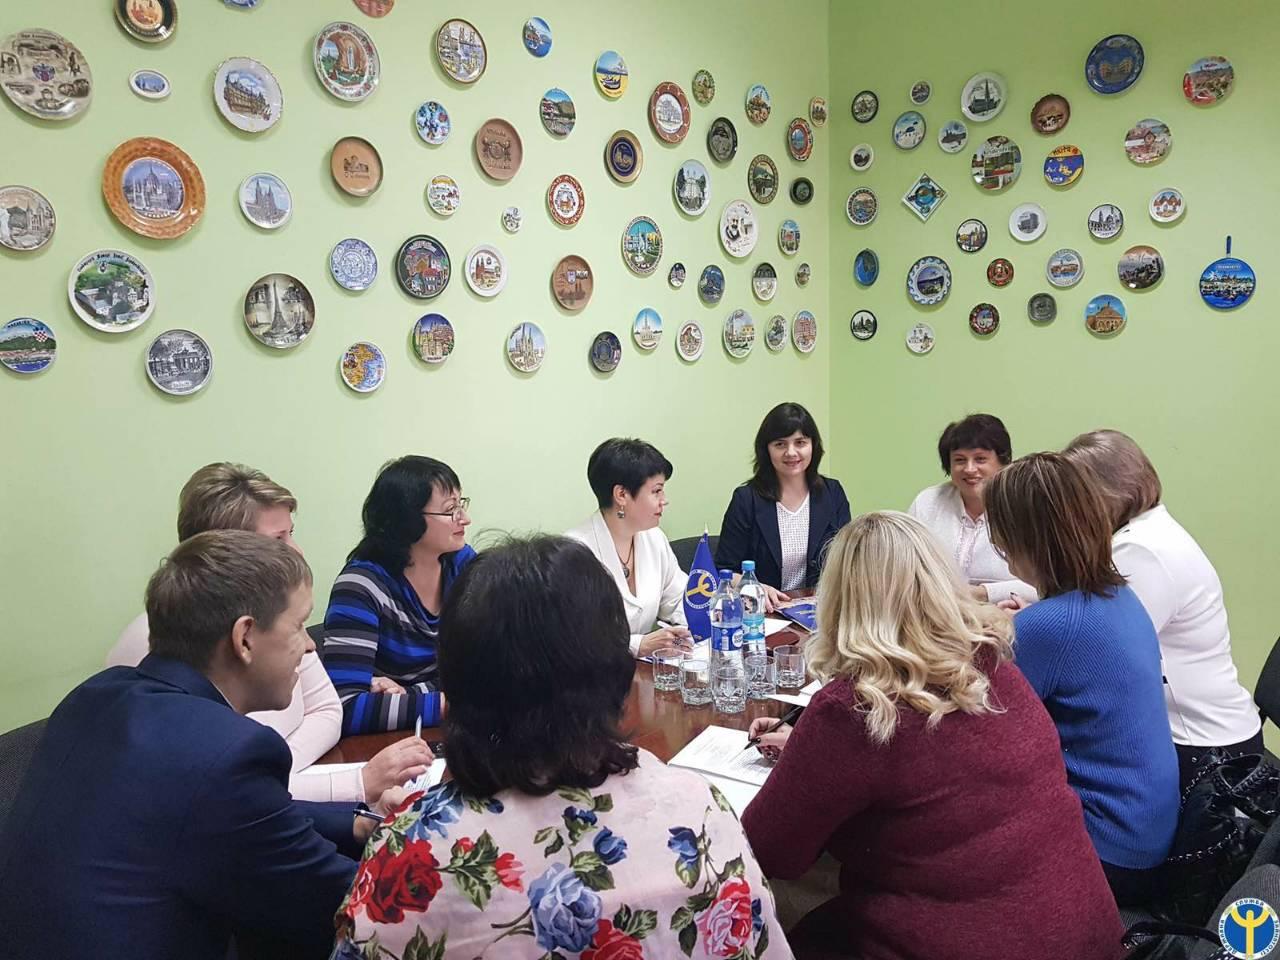 q132911k - На Хмельниччині під час «круглого столу» розглядалось питання працевлаштування осіб з інвалідністю